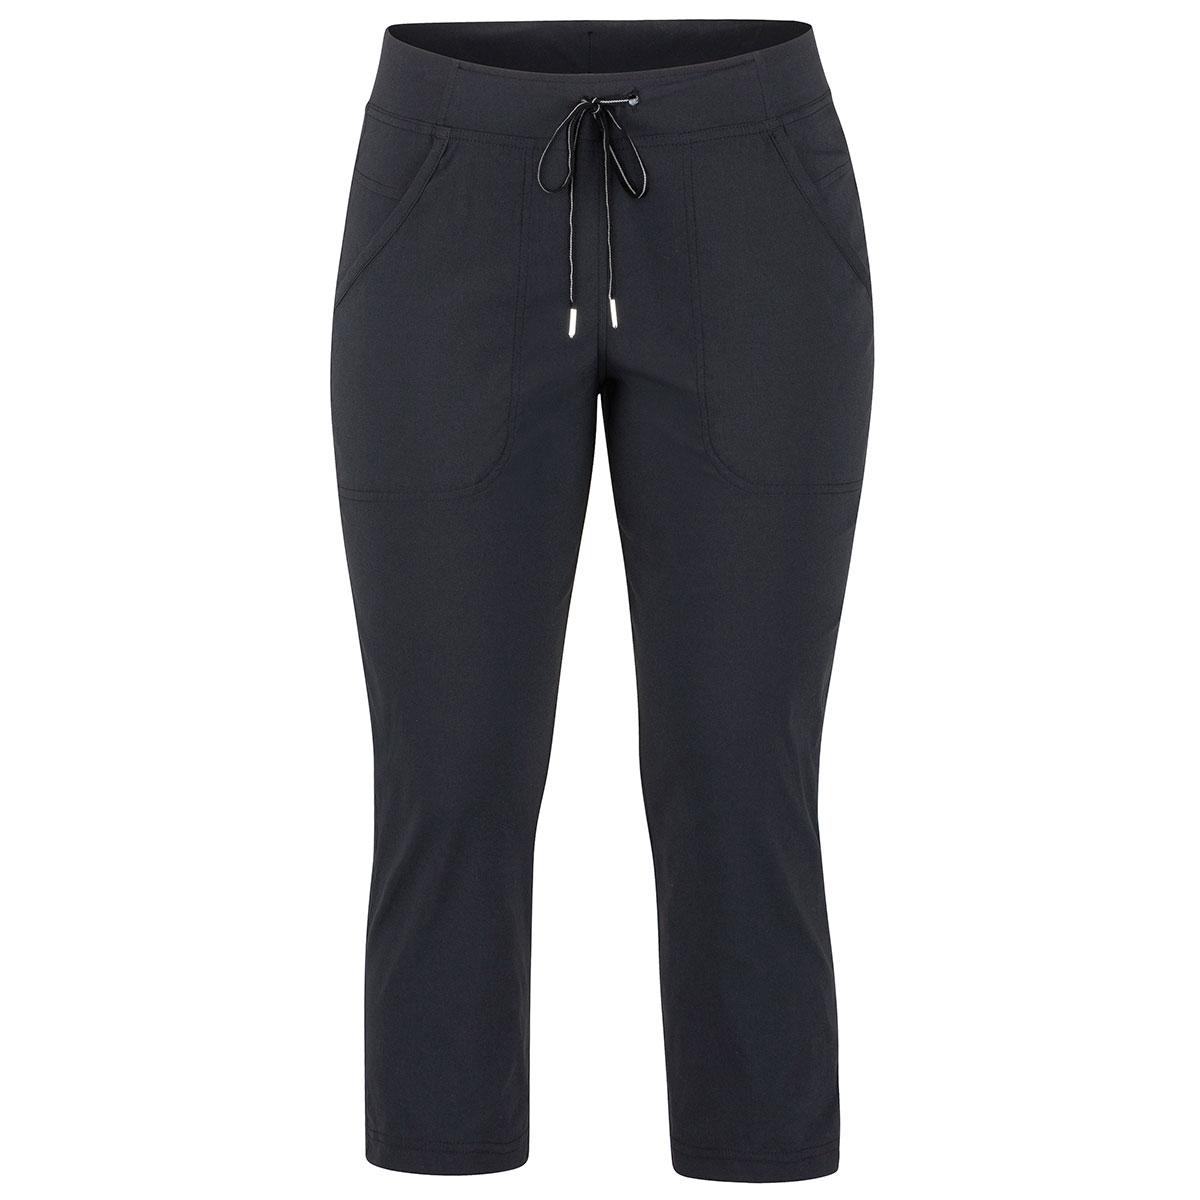 Marmot Women's Ravenna Capri Pants - Black, M